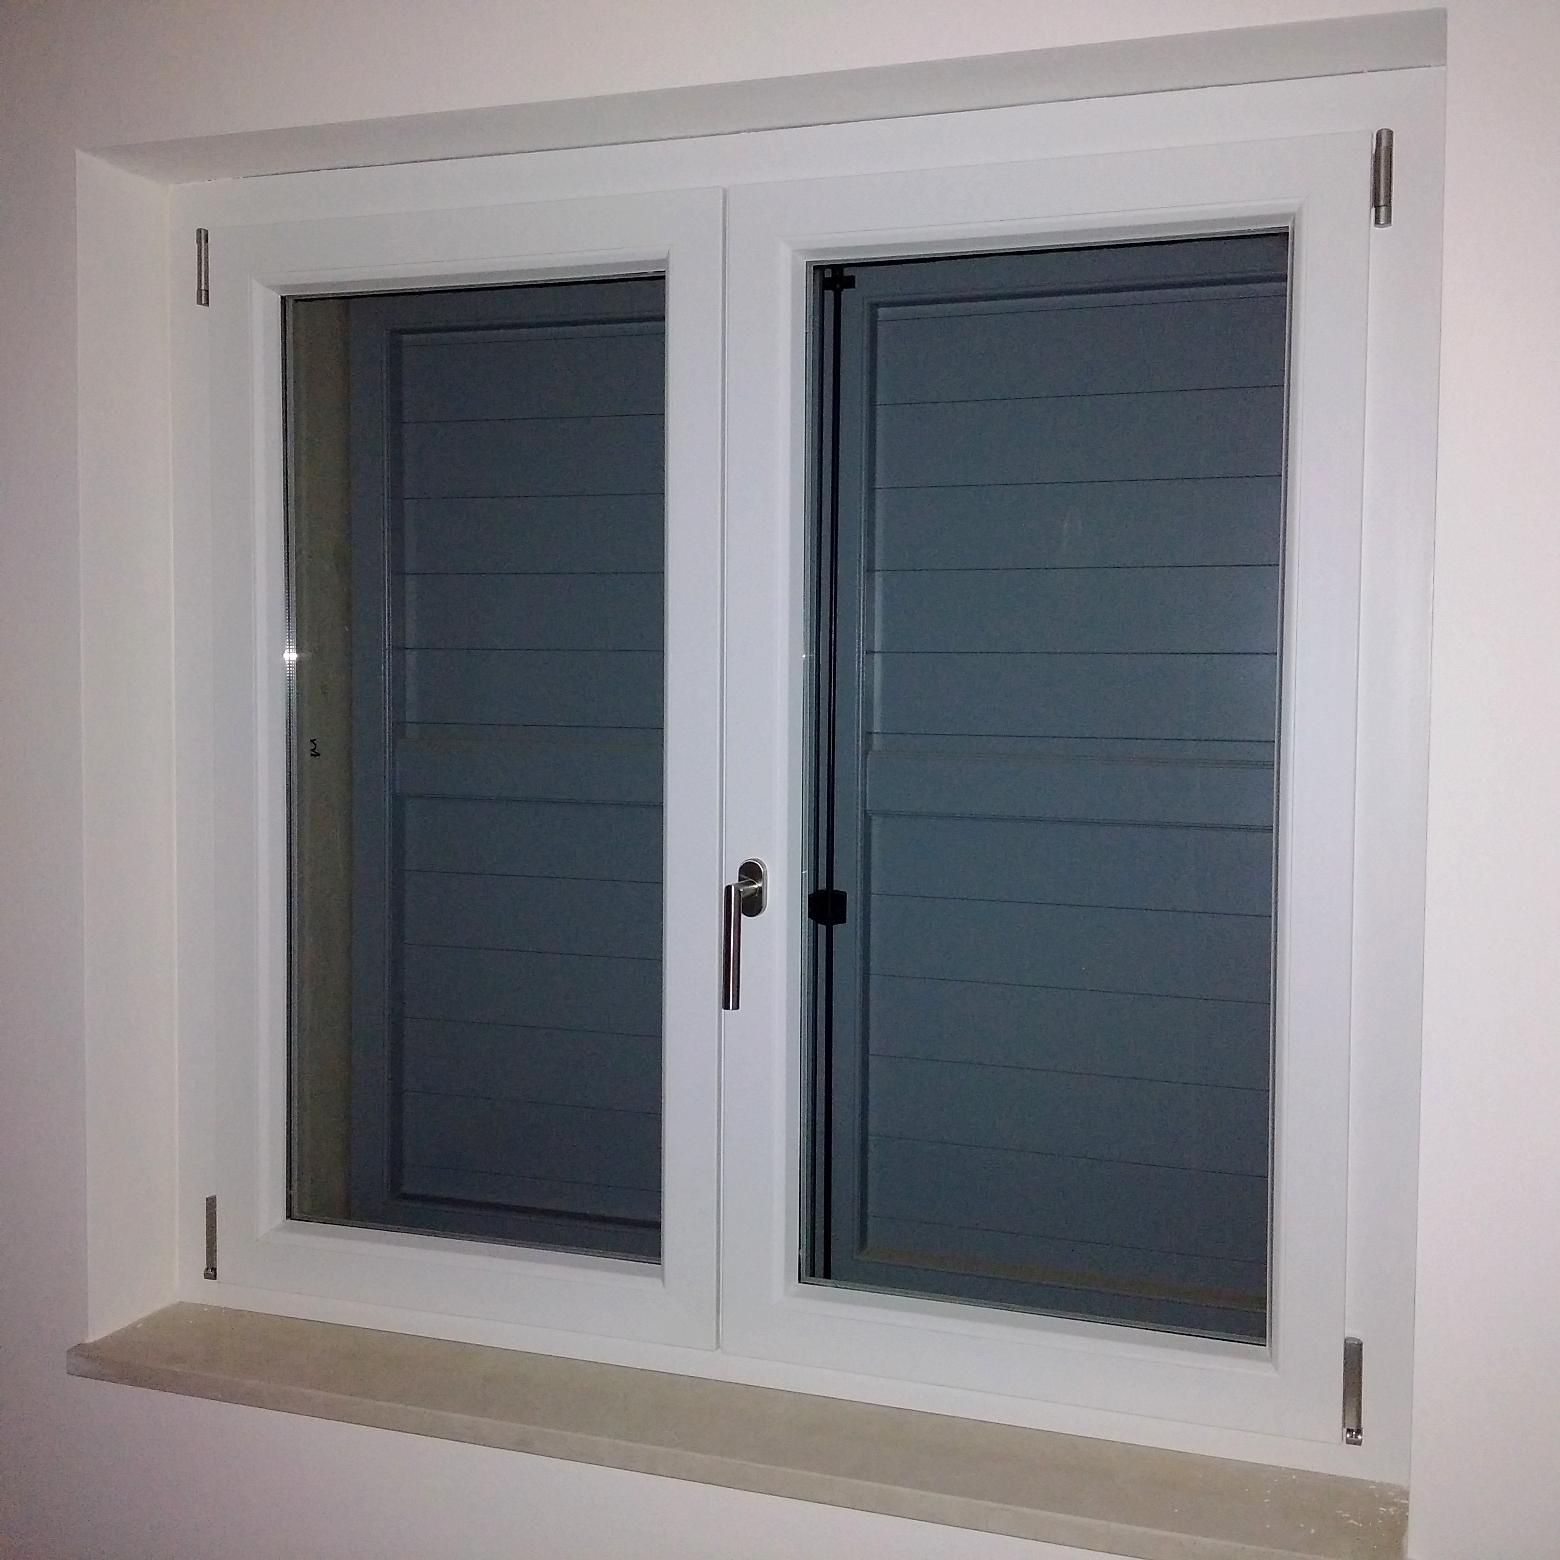 Capolinea 2016 per la detrazione del 65% su finestre a risparmio energetico